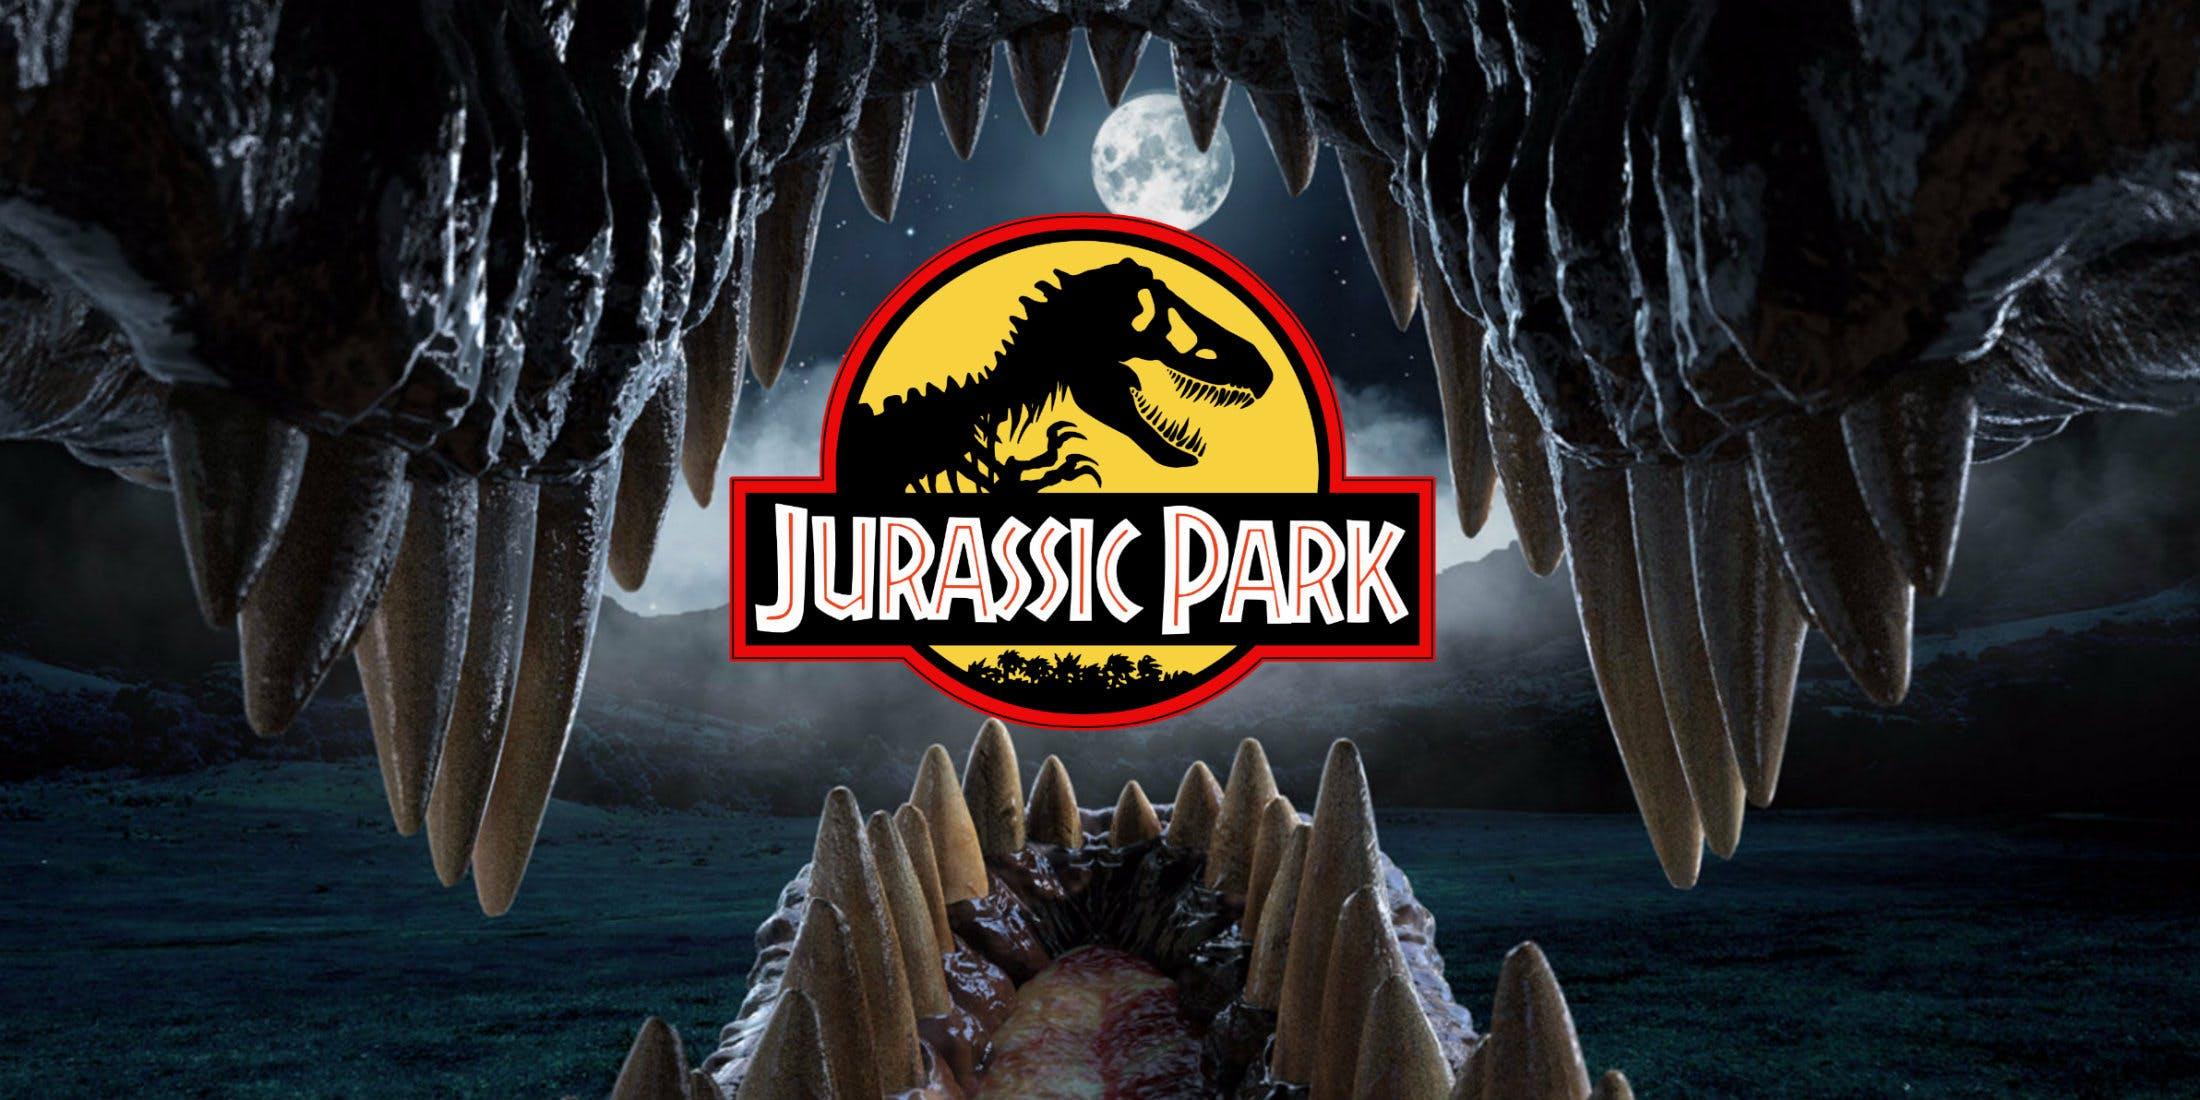 Jurassic Park – Open Air Cinema 17th August 2019